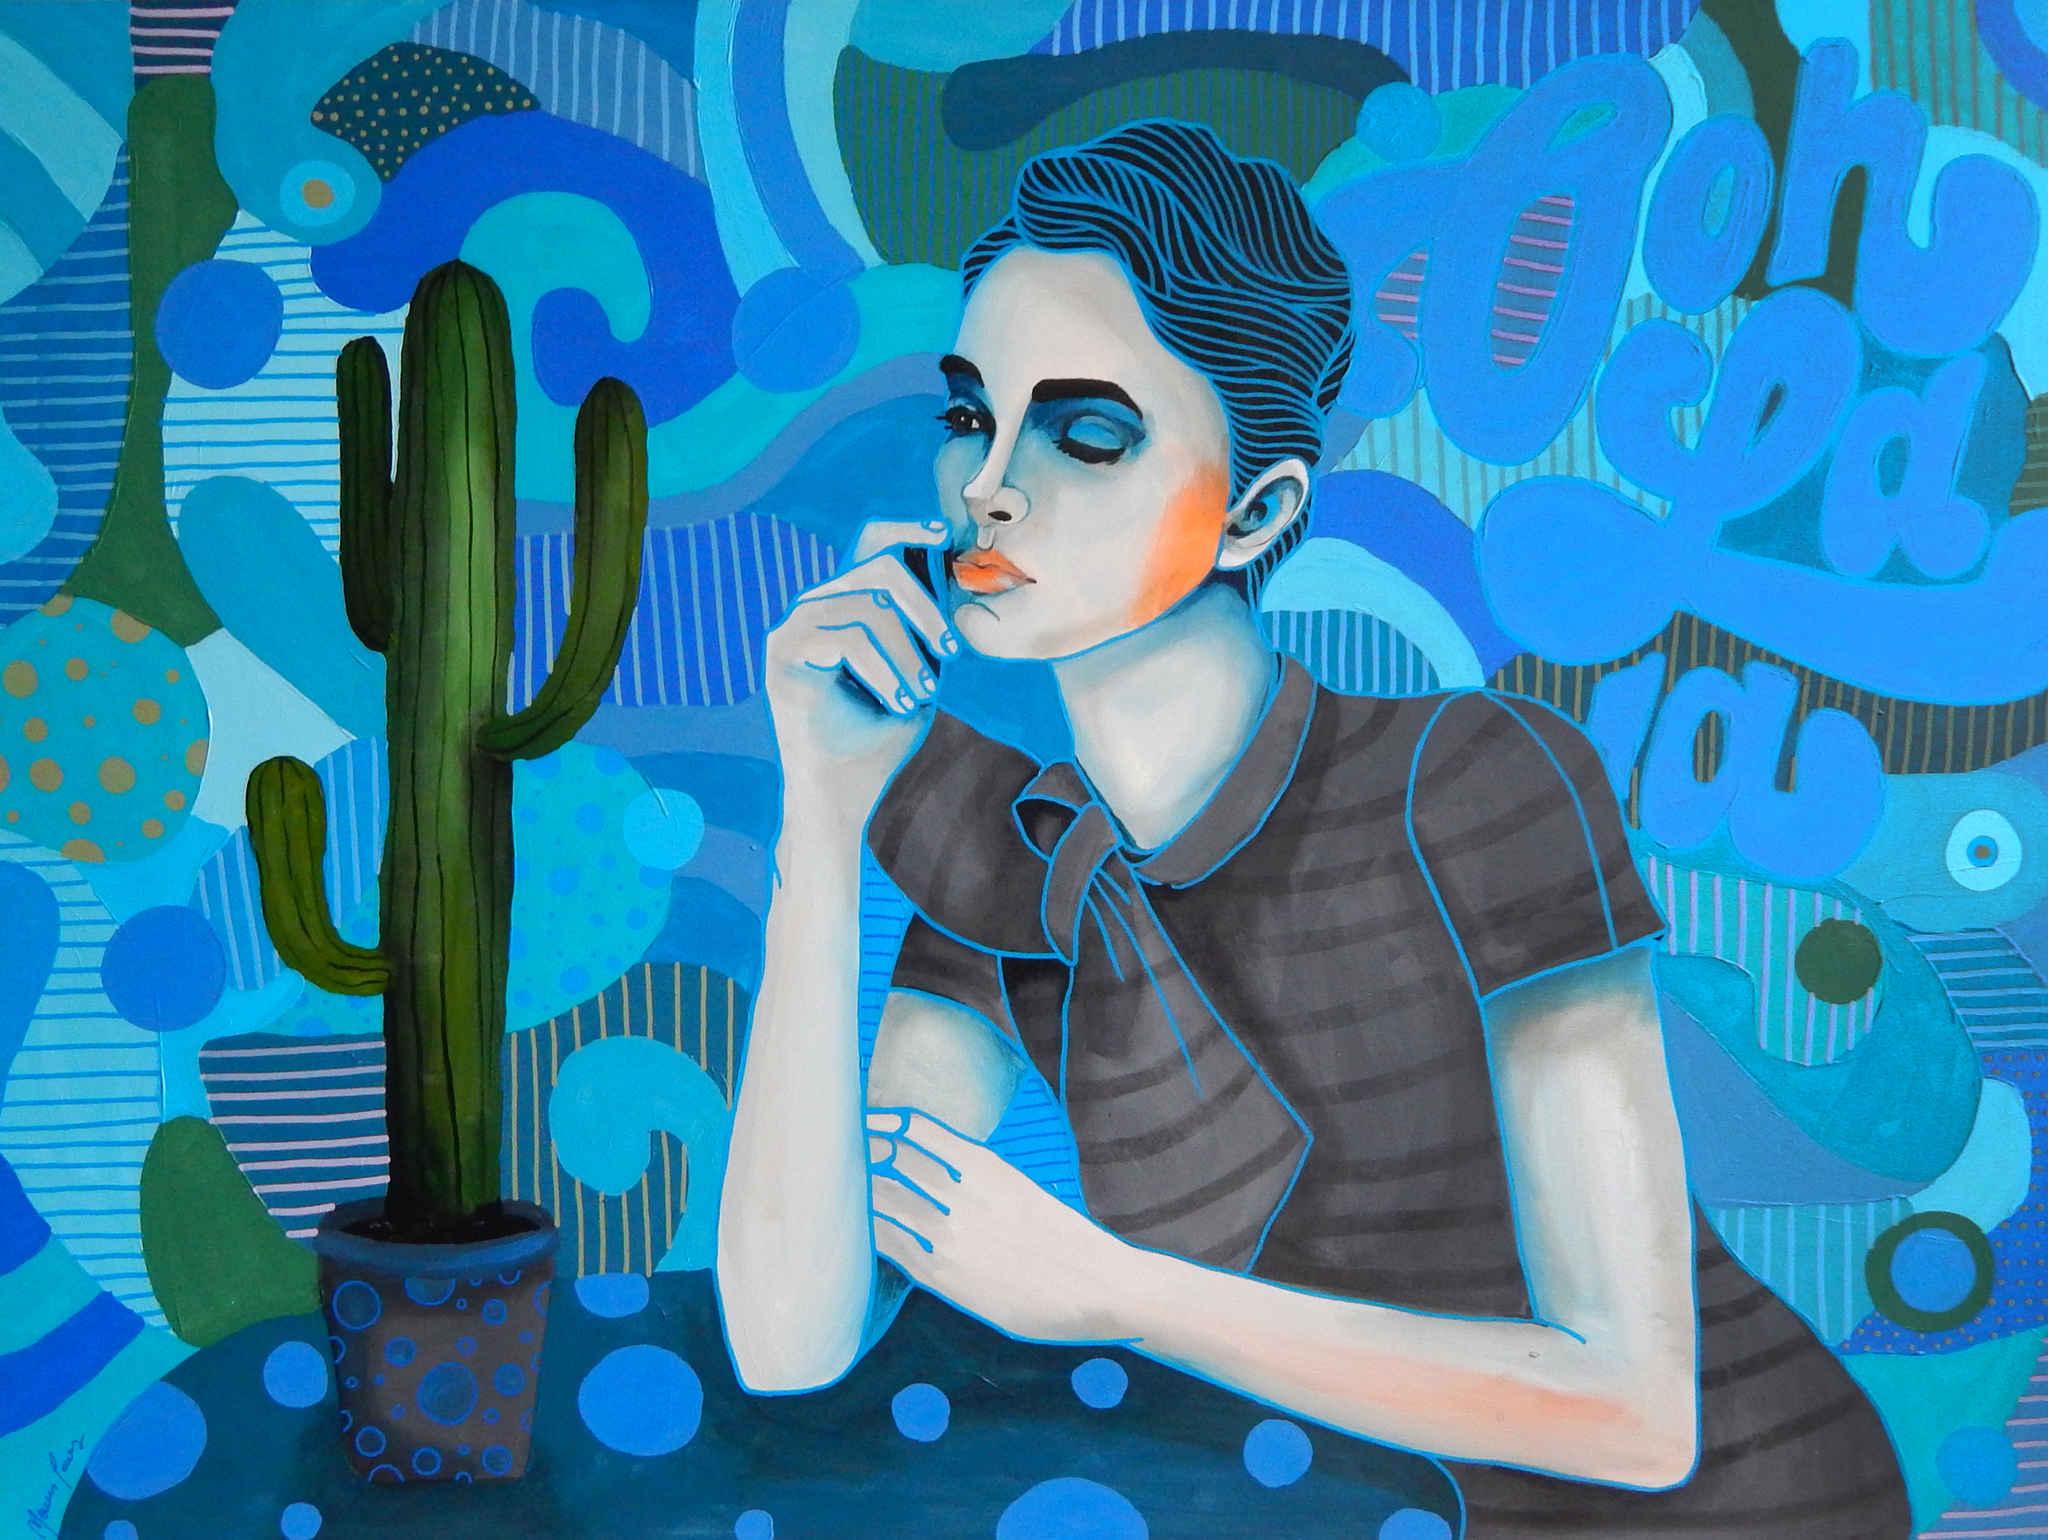 Ona i kaktus w niebieskich kolorach, 2019